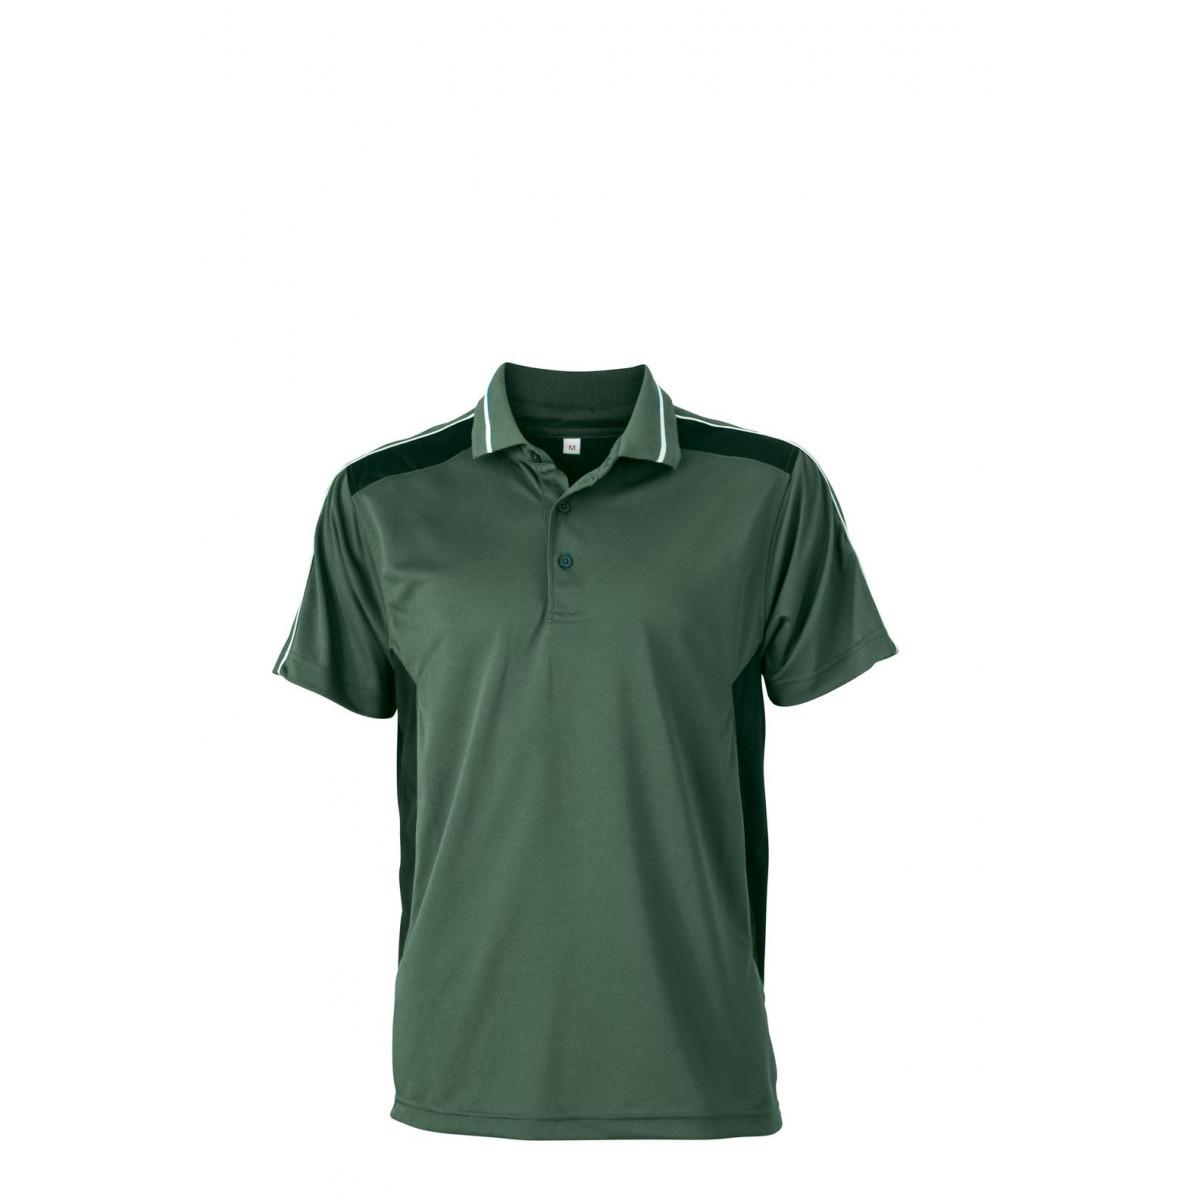 Рубашка поло мужская JN828 Craftsmen Poloshirt - Темно-зеленый/Черный